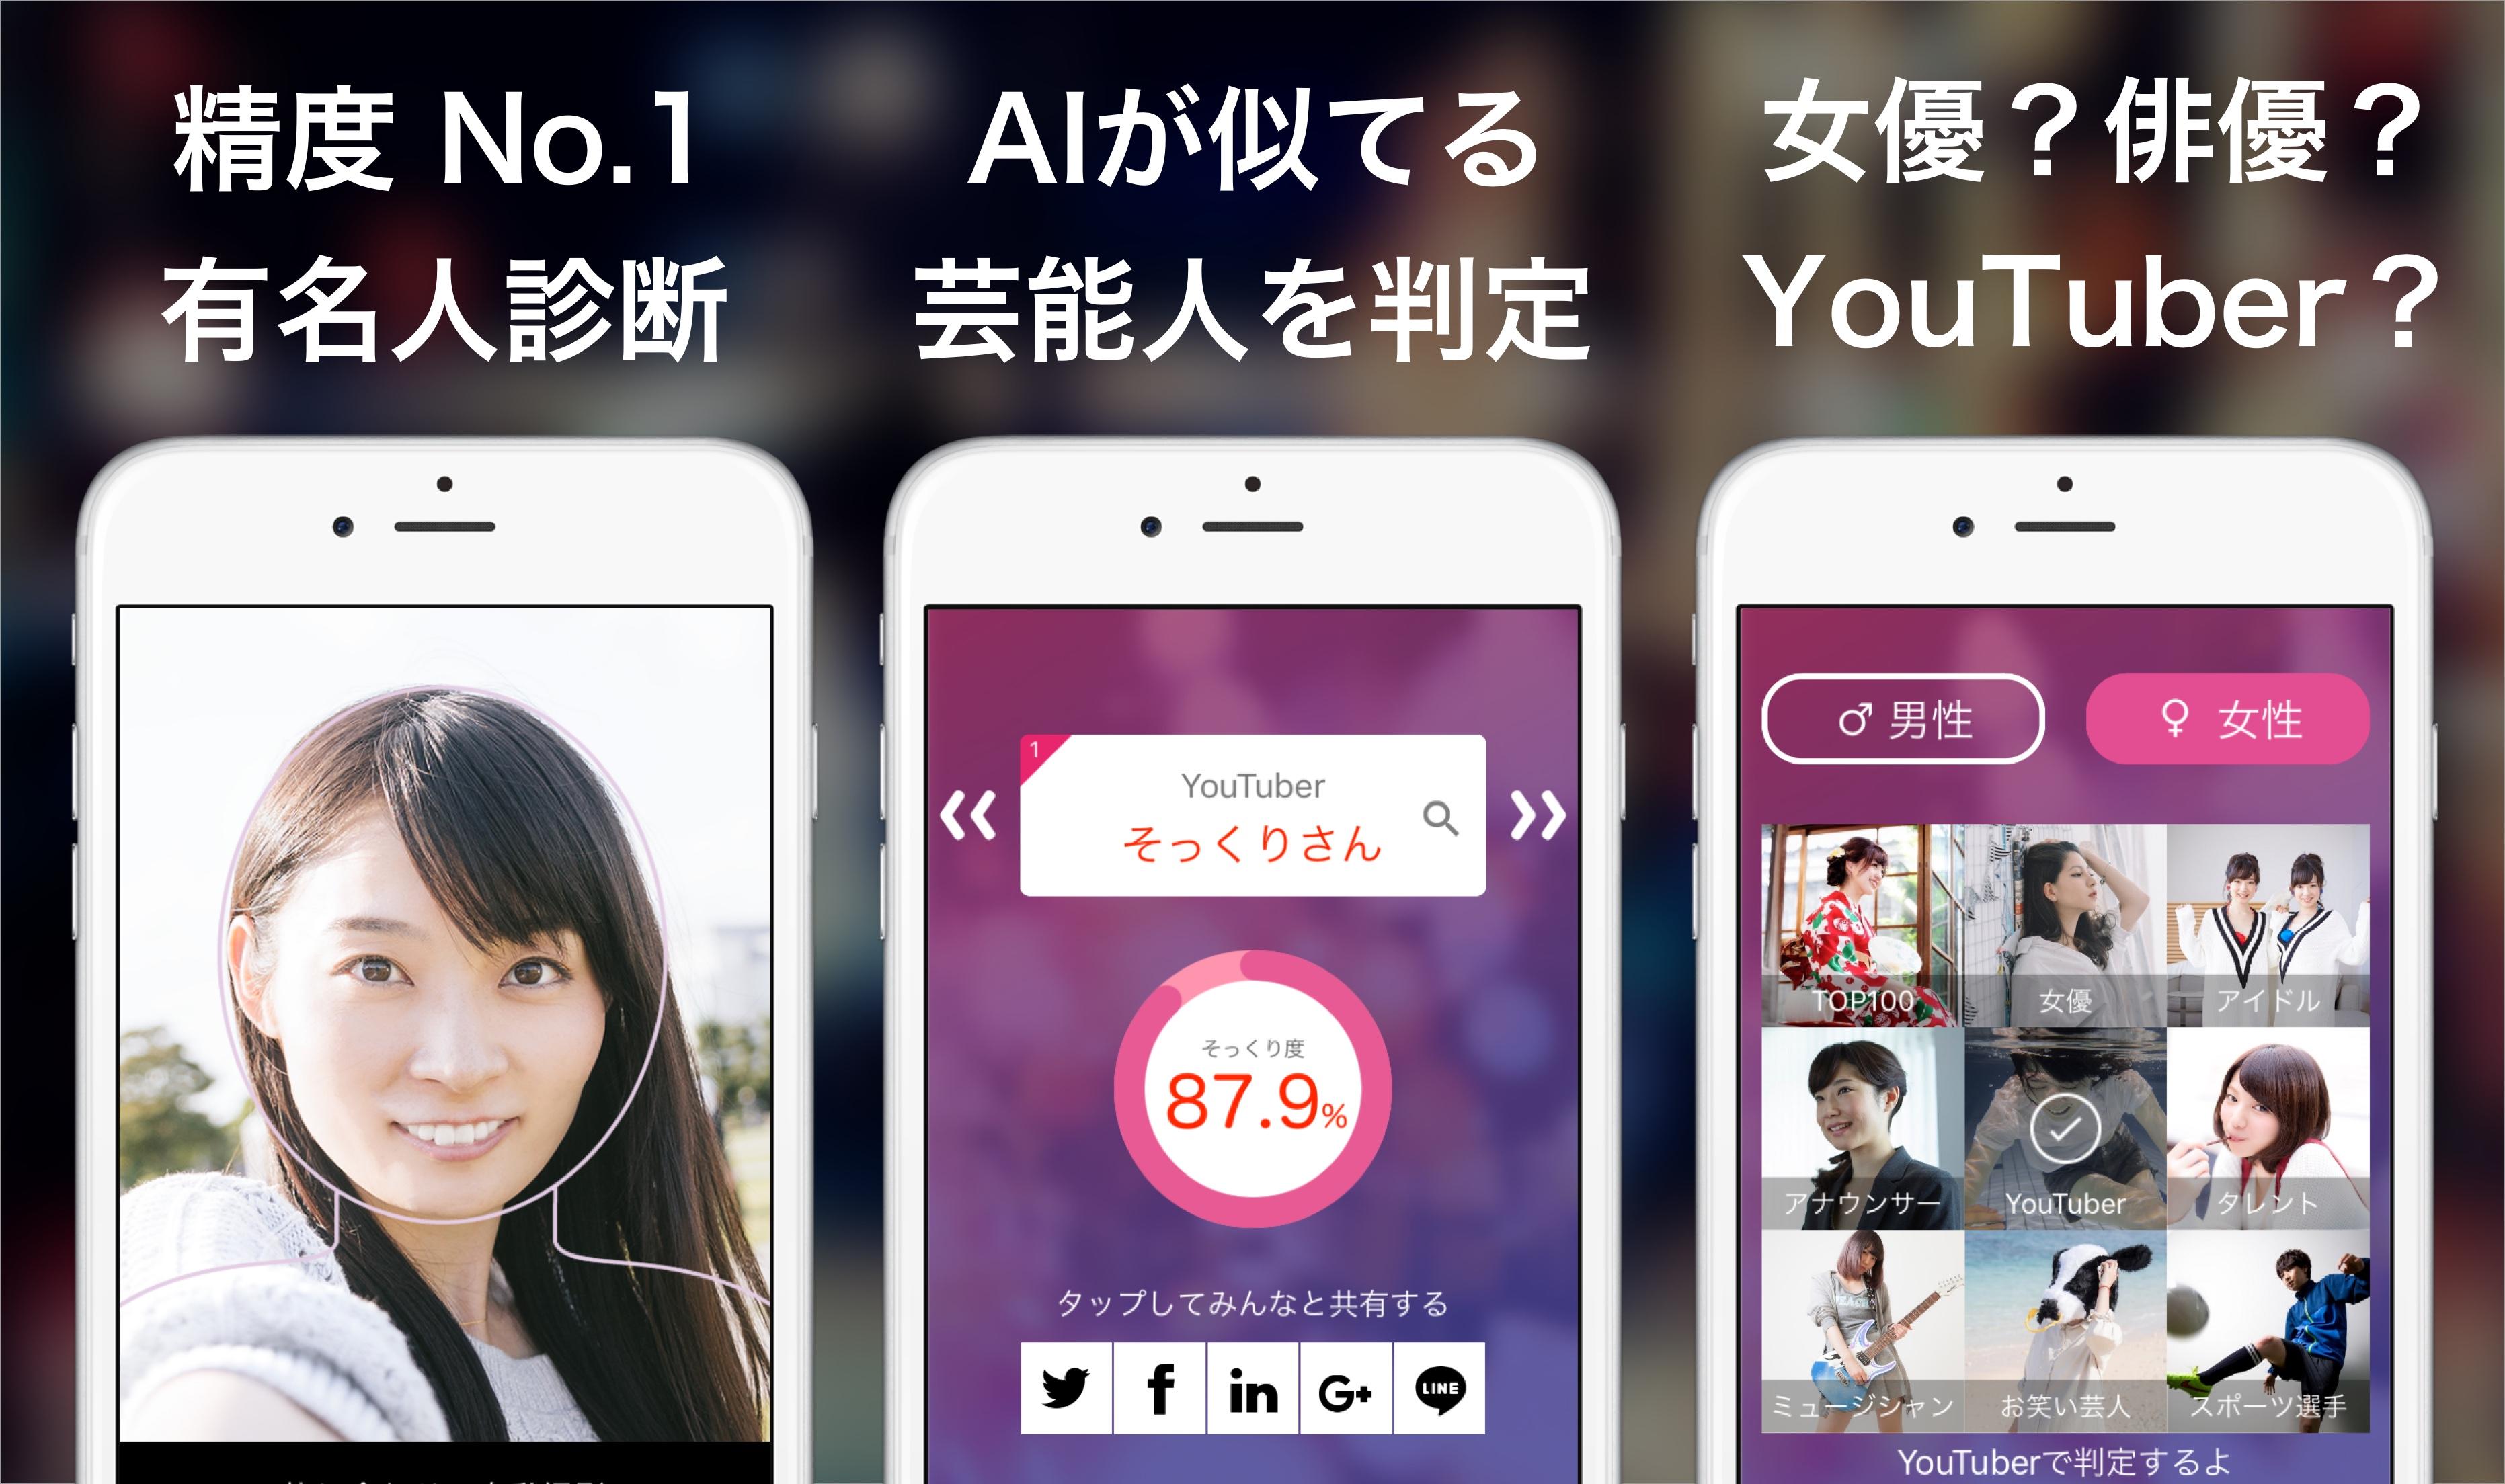 AI(人工知能)で似ている有名人を診断する無料アプリ「そっくりさん」の ...